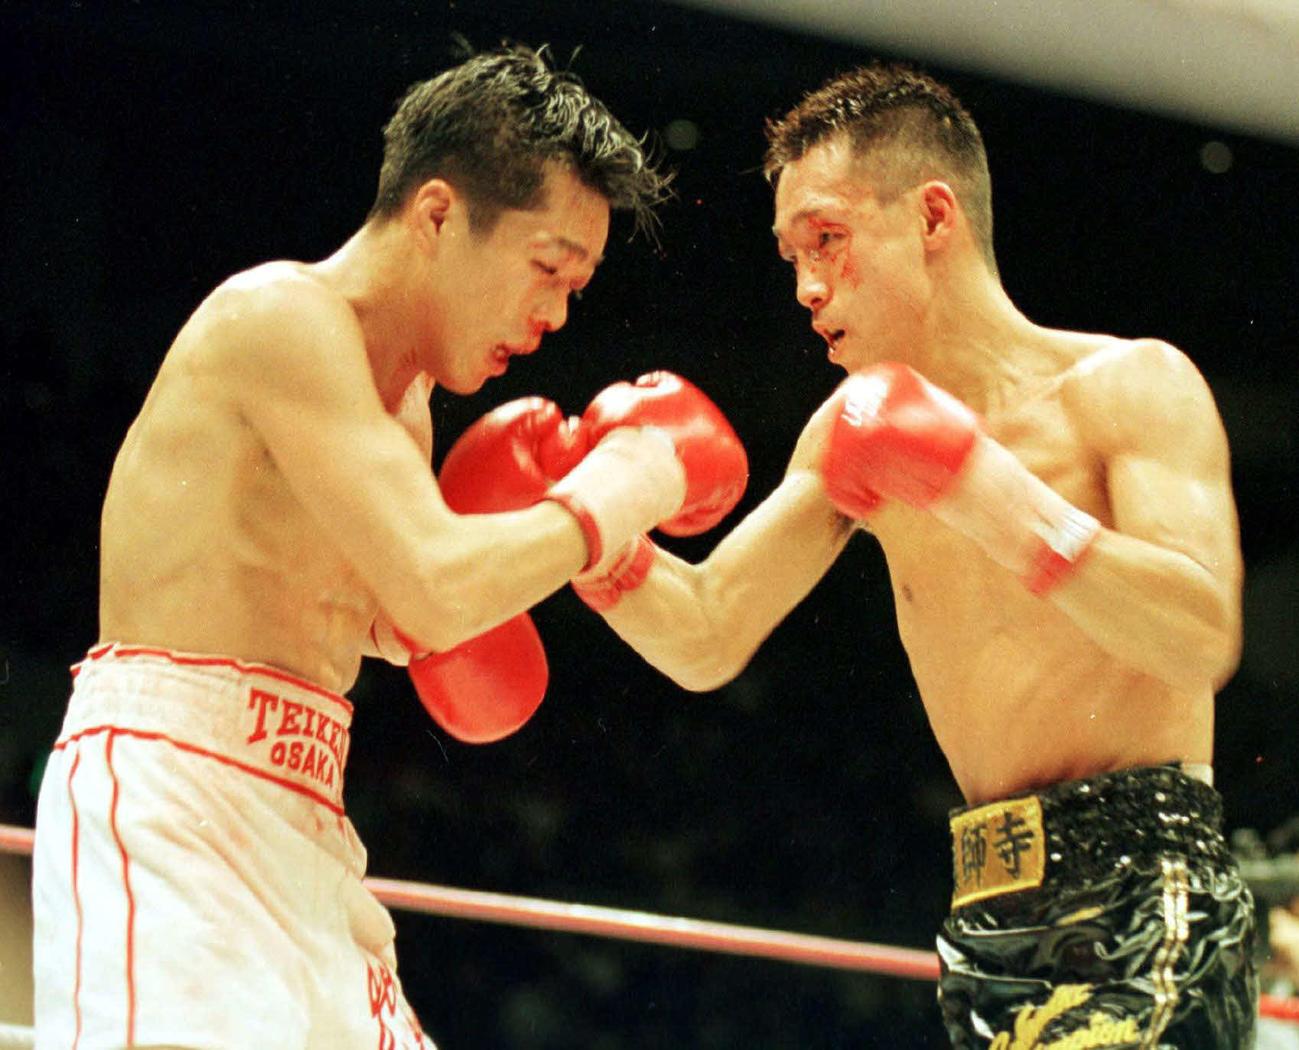 激しく打ち合う辰吉丈一郎(左)と薬師寺保栄(94年12月4日)